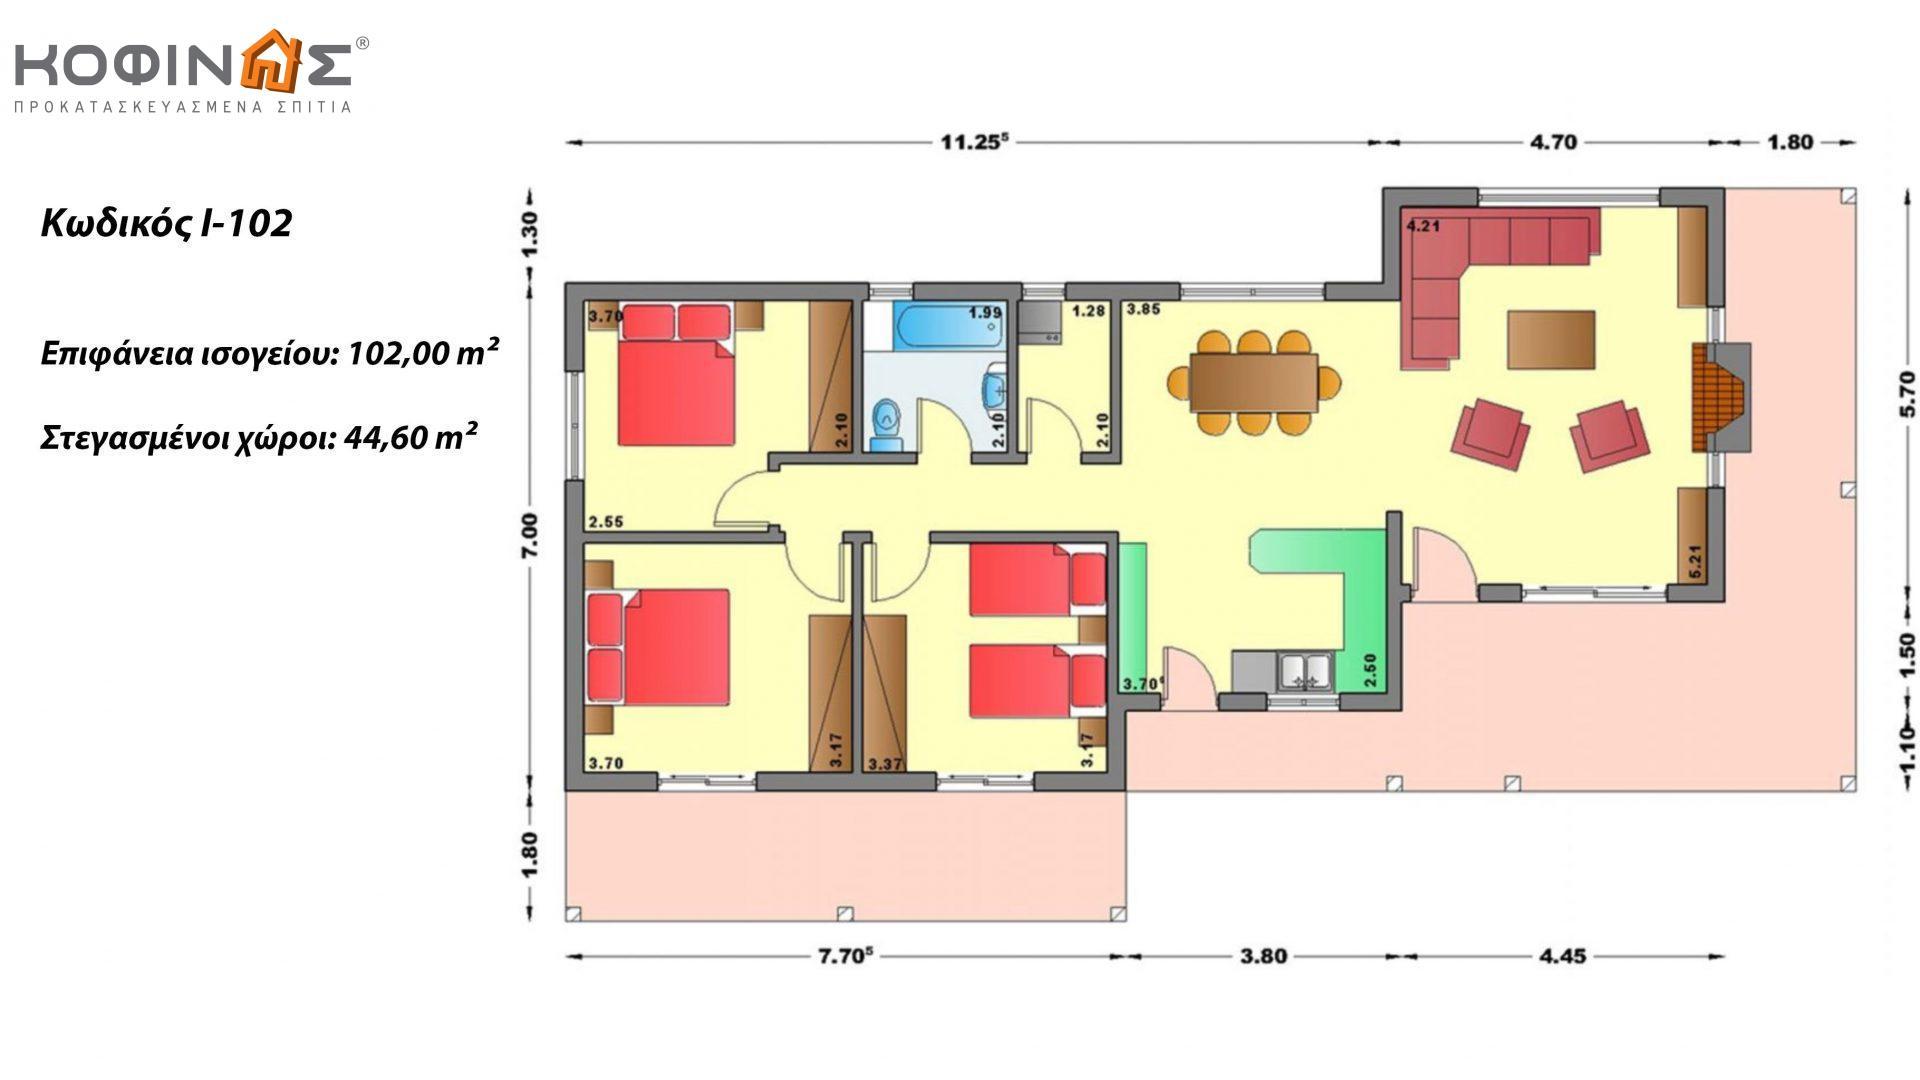 Ισόγεια Κατοικία I-102 συνολικής επιφάνειας 102,00 τ.μ., στεγασμένοι χώροι 44,60 τ.μ